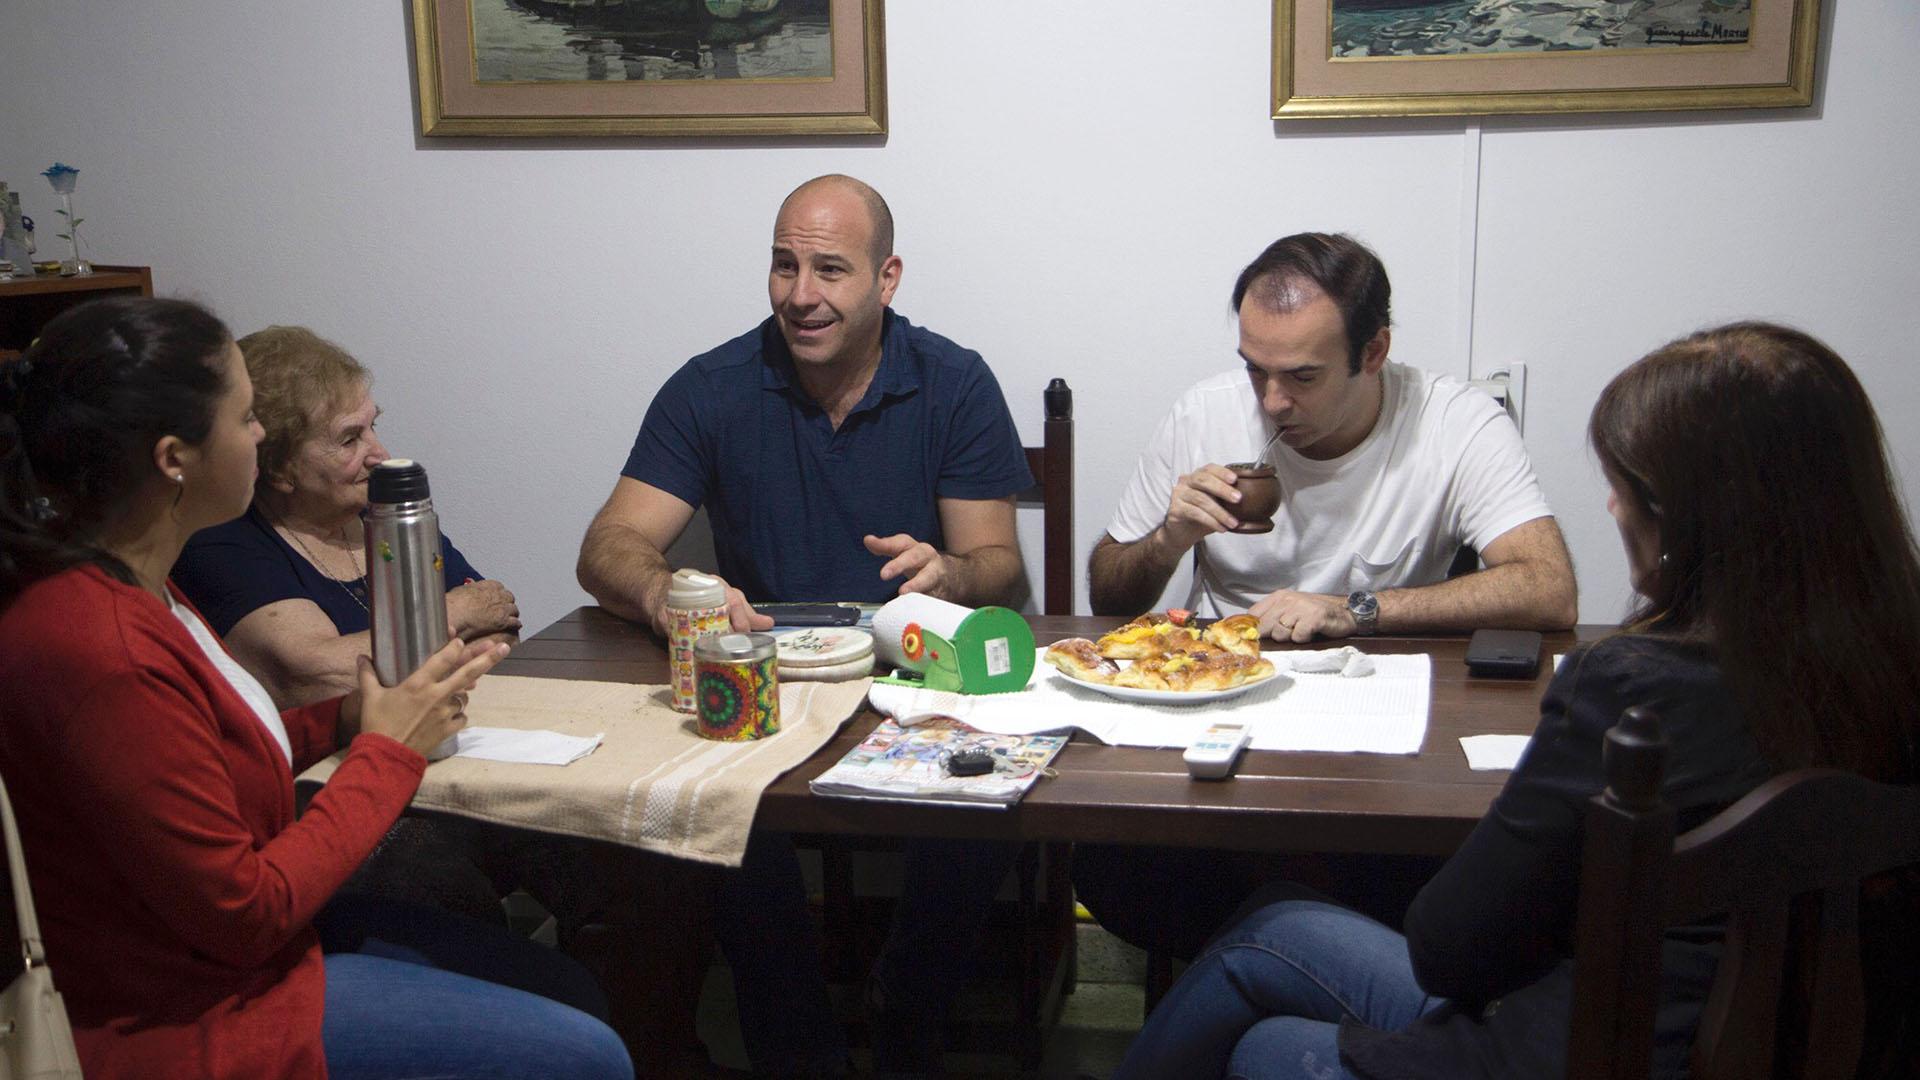 El Secretario General del PRO, Francisco Quintana, timbreó en Quilmes junto con el Intendente local, Martiniano Molina, Piter Robledo y la Presidente de la Juventud del PRO en provincia de Buenos Aires, Verónica Barbieri